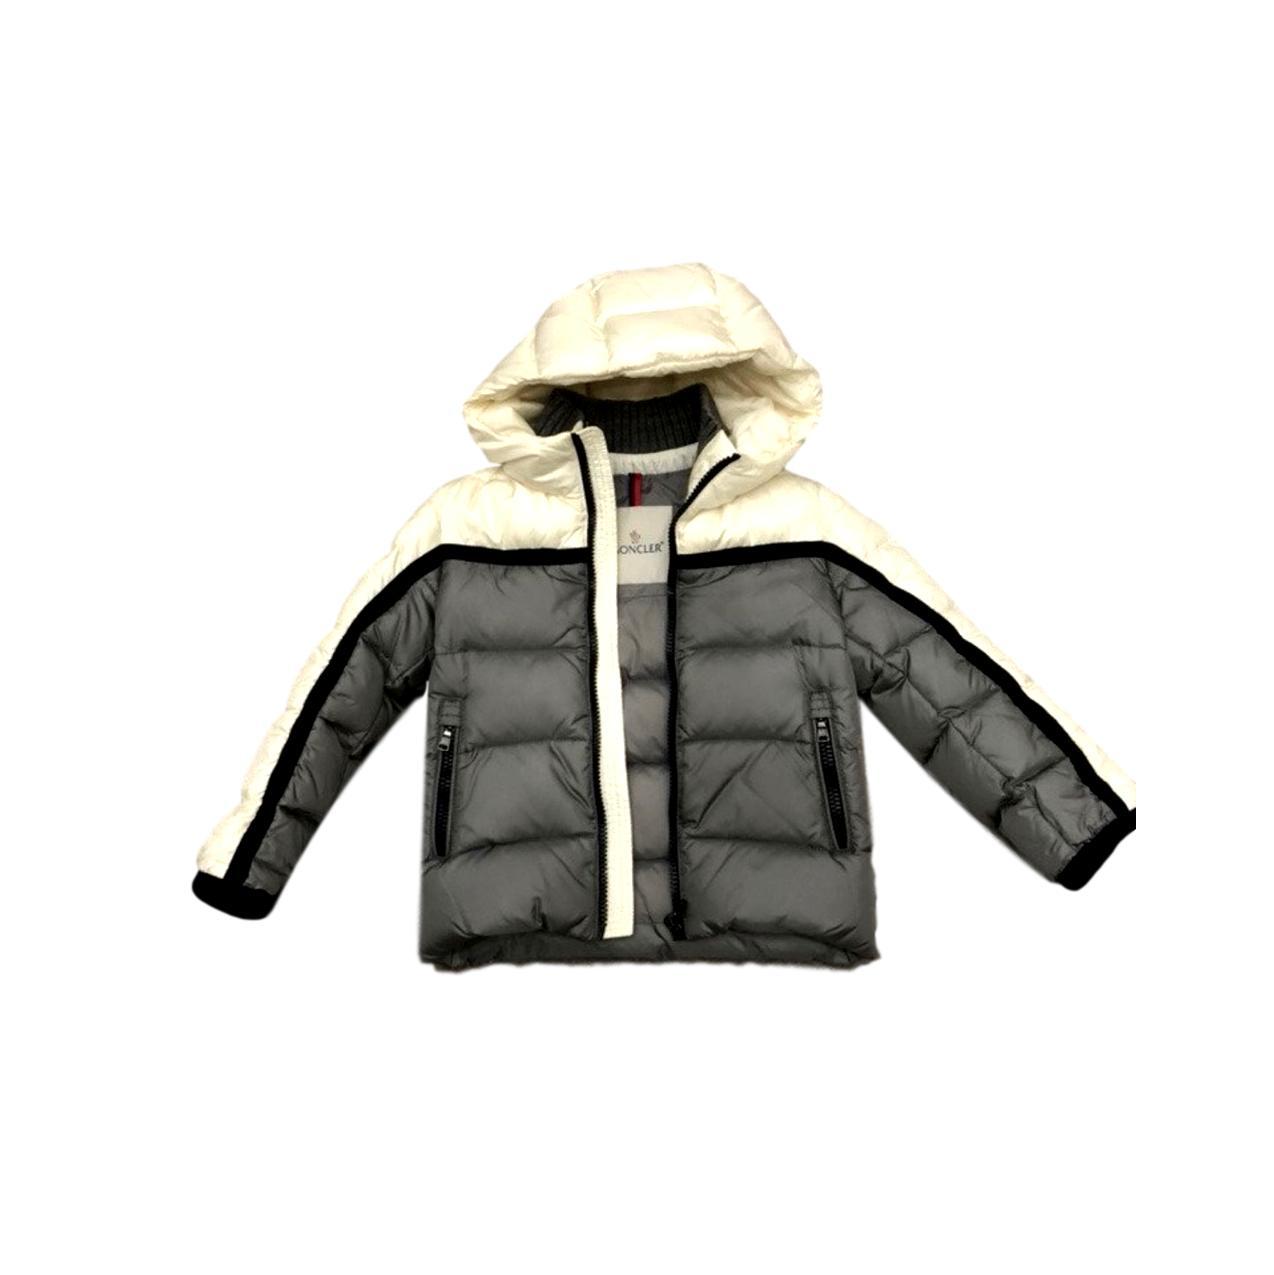 33fb9df501d Купить куртку Moncler за 18000 руб. в интернет магазине - бутике с ...